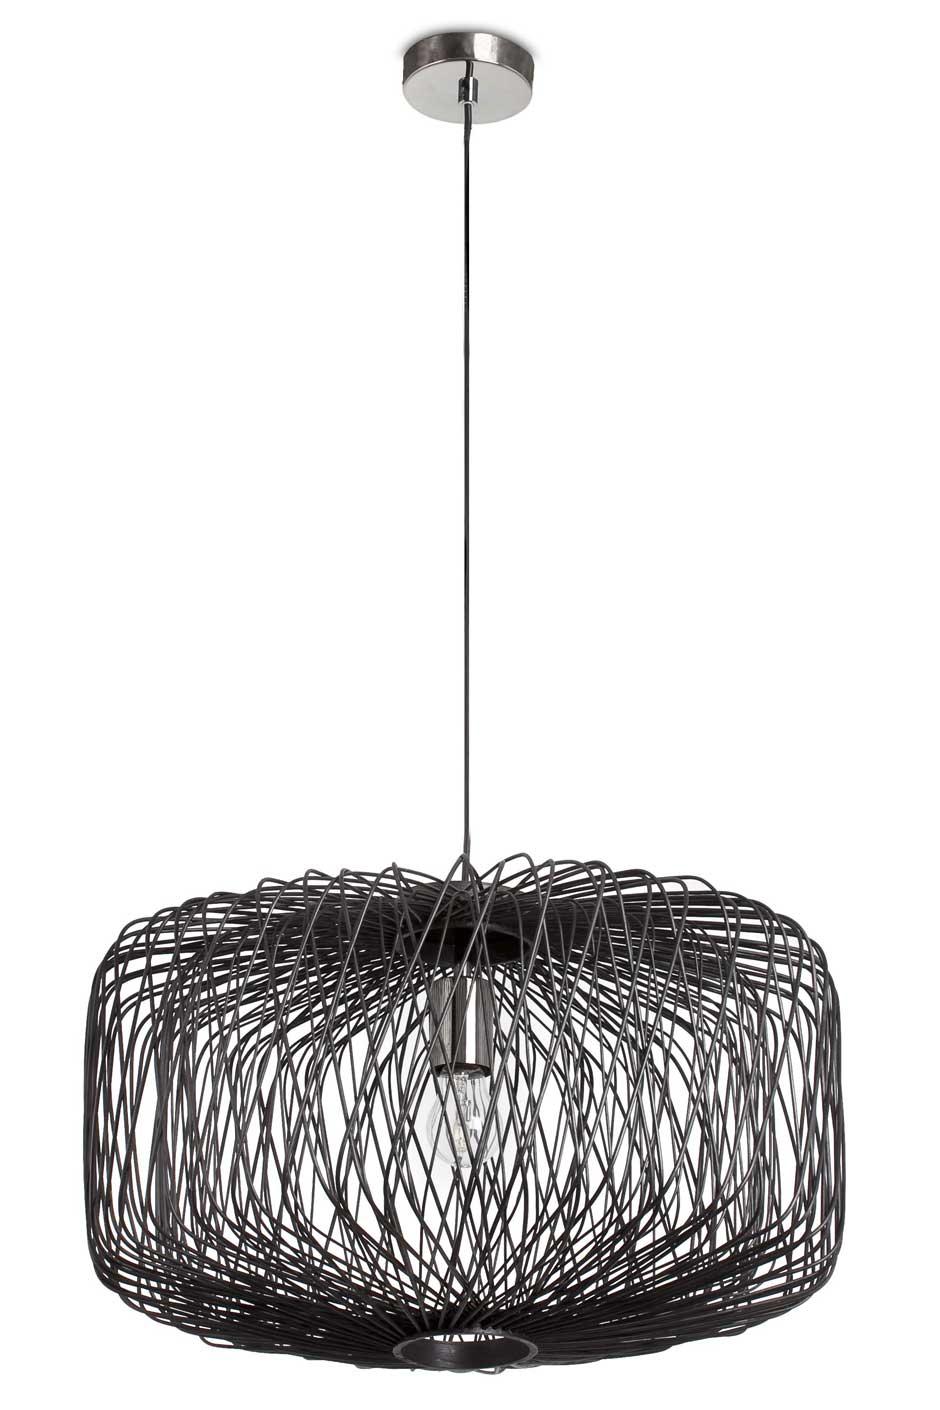 abat jour en rotin trouvez le meilleur prix sur voir. Black Bedroom Furniture Sets. Home Design Ideas